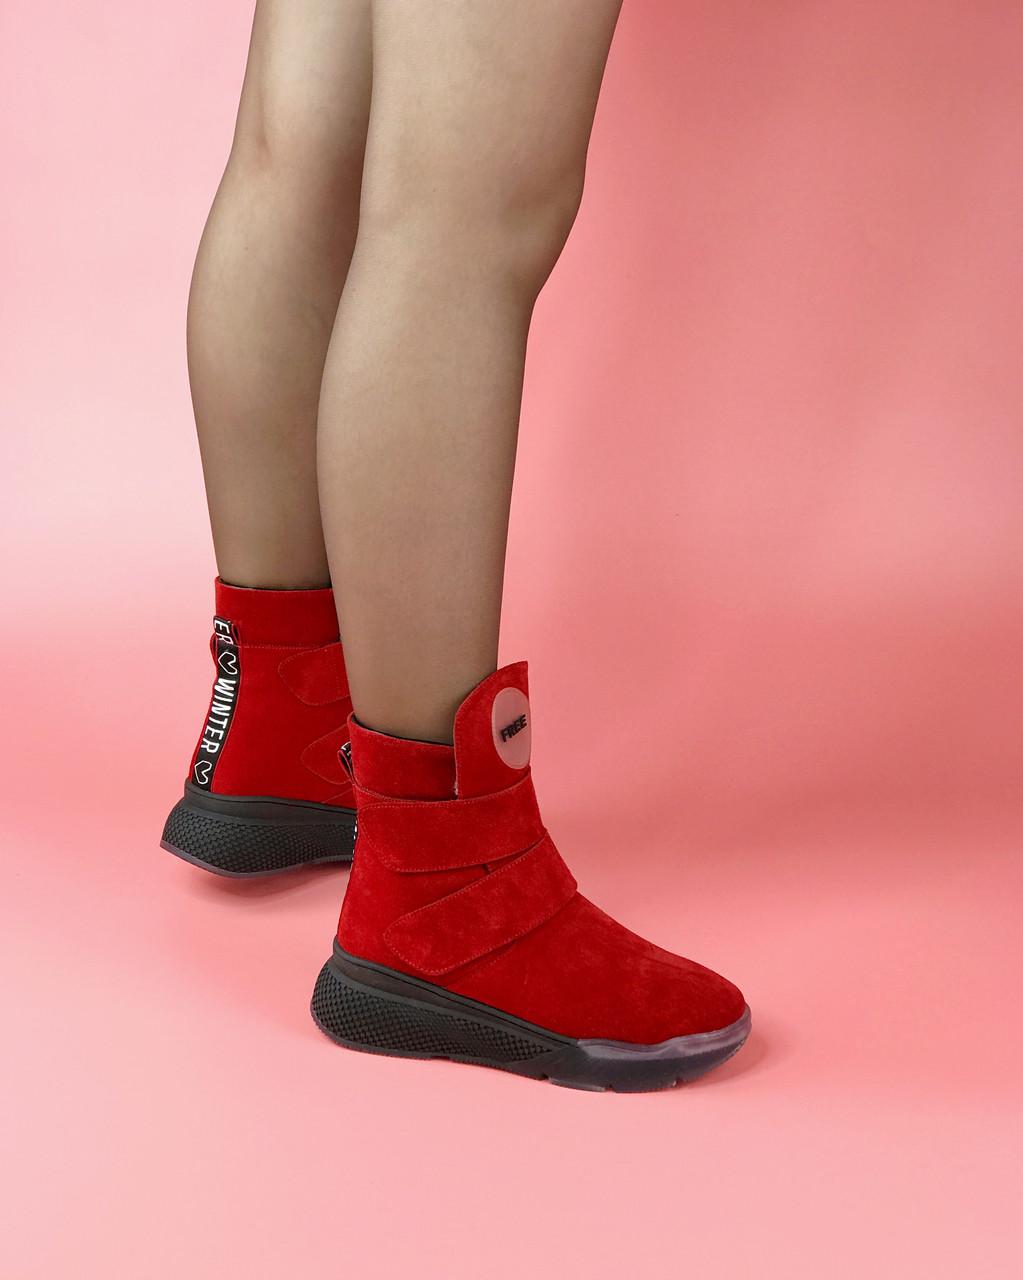 Ботинки сникерсы женские замшевые красные на липучках MORENTO зимние